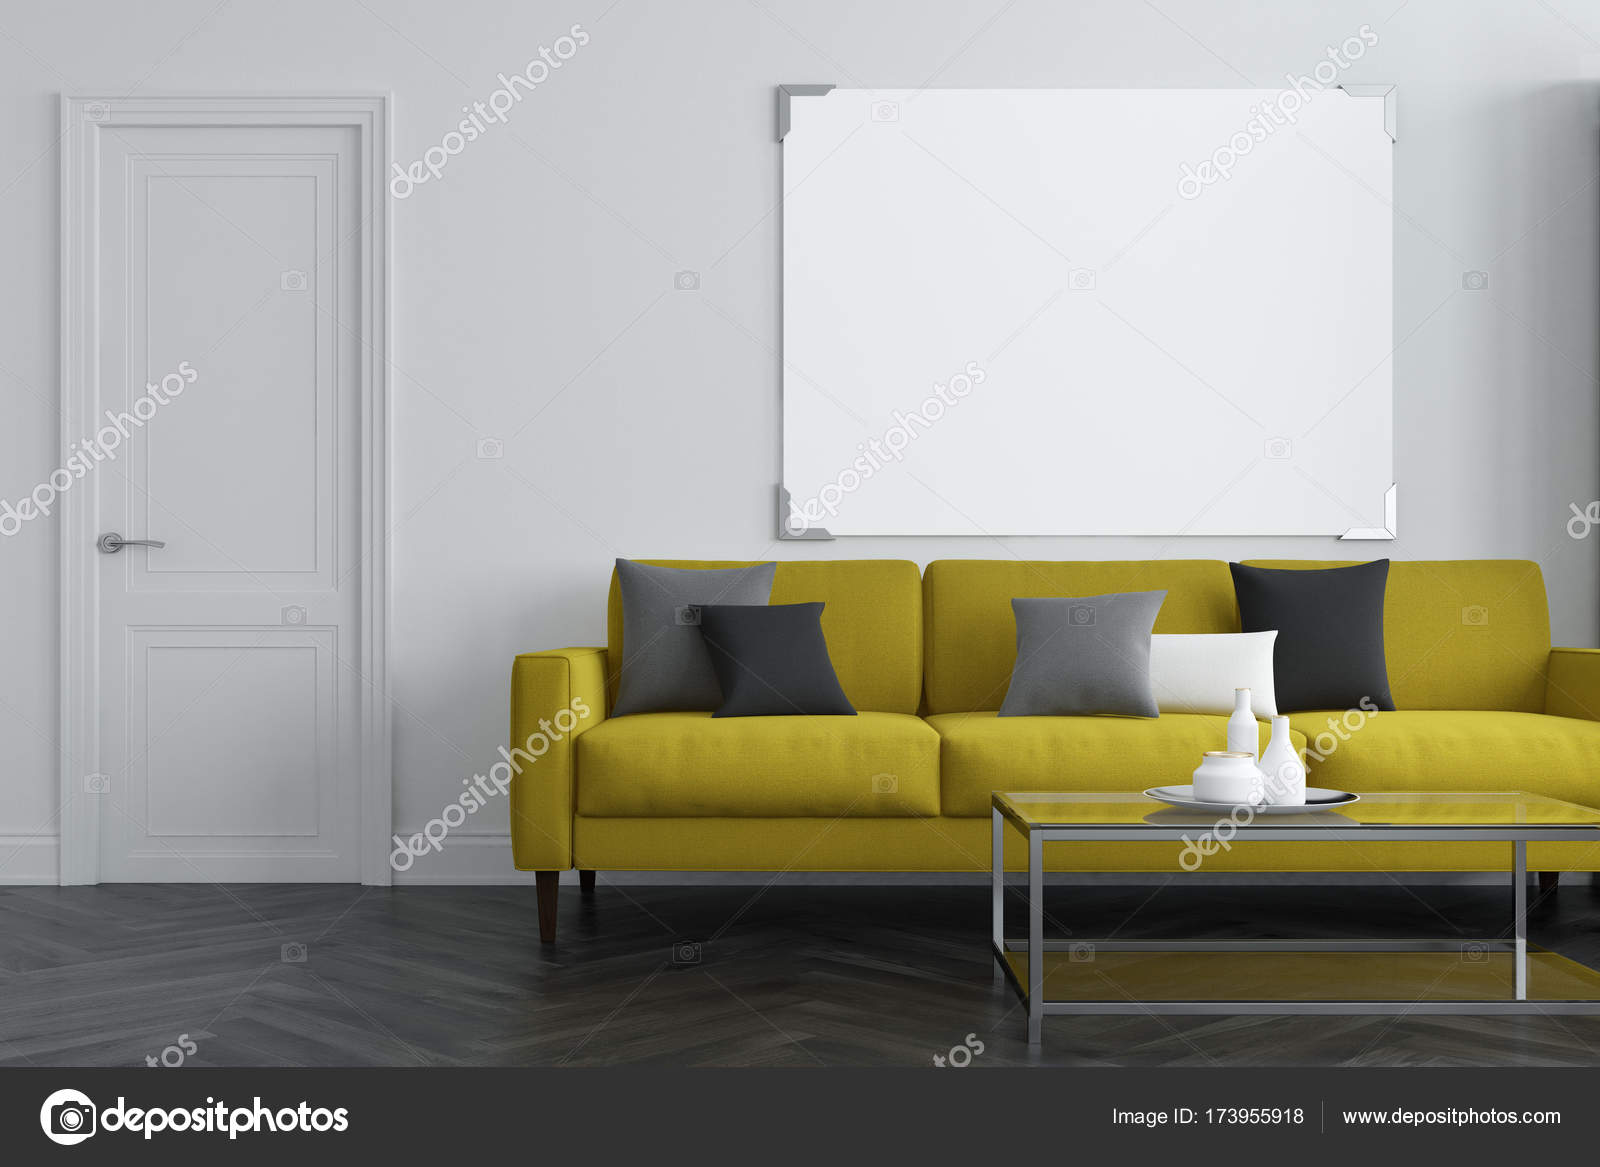 Divano salotto bianco giallo foto stock for Salotto bianco